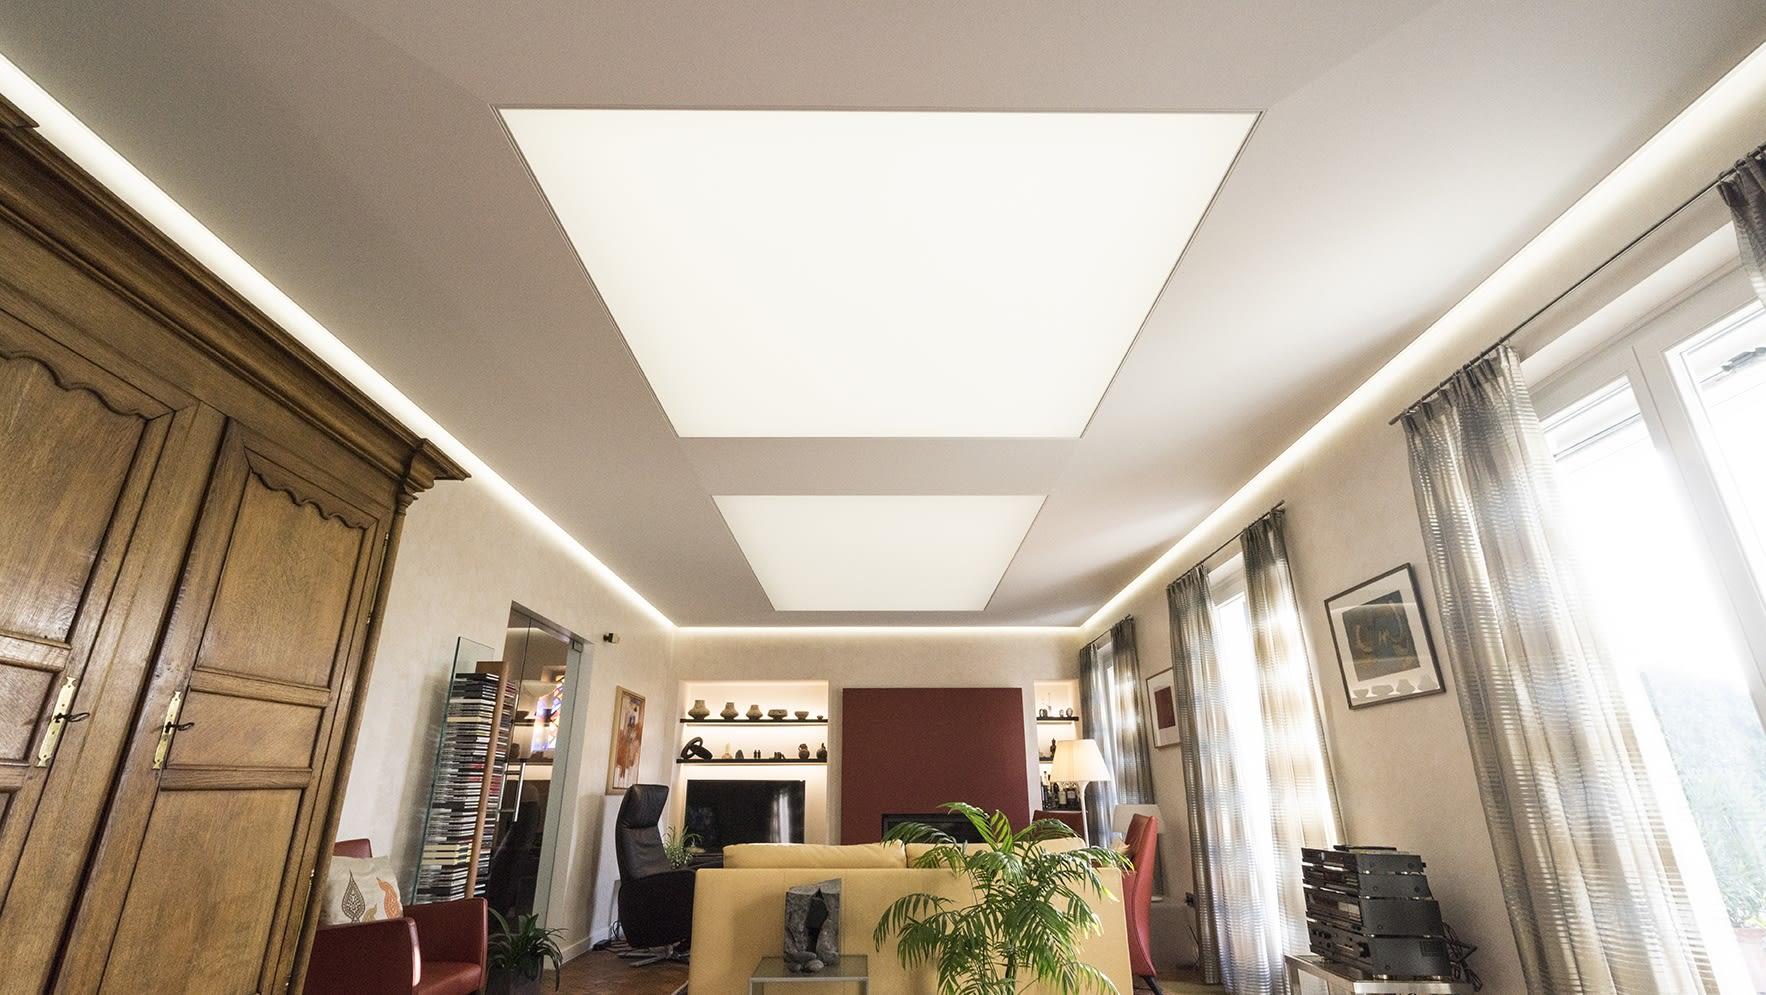 Wohnzimmer mit Deckendiamant helle Spanndecke